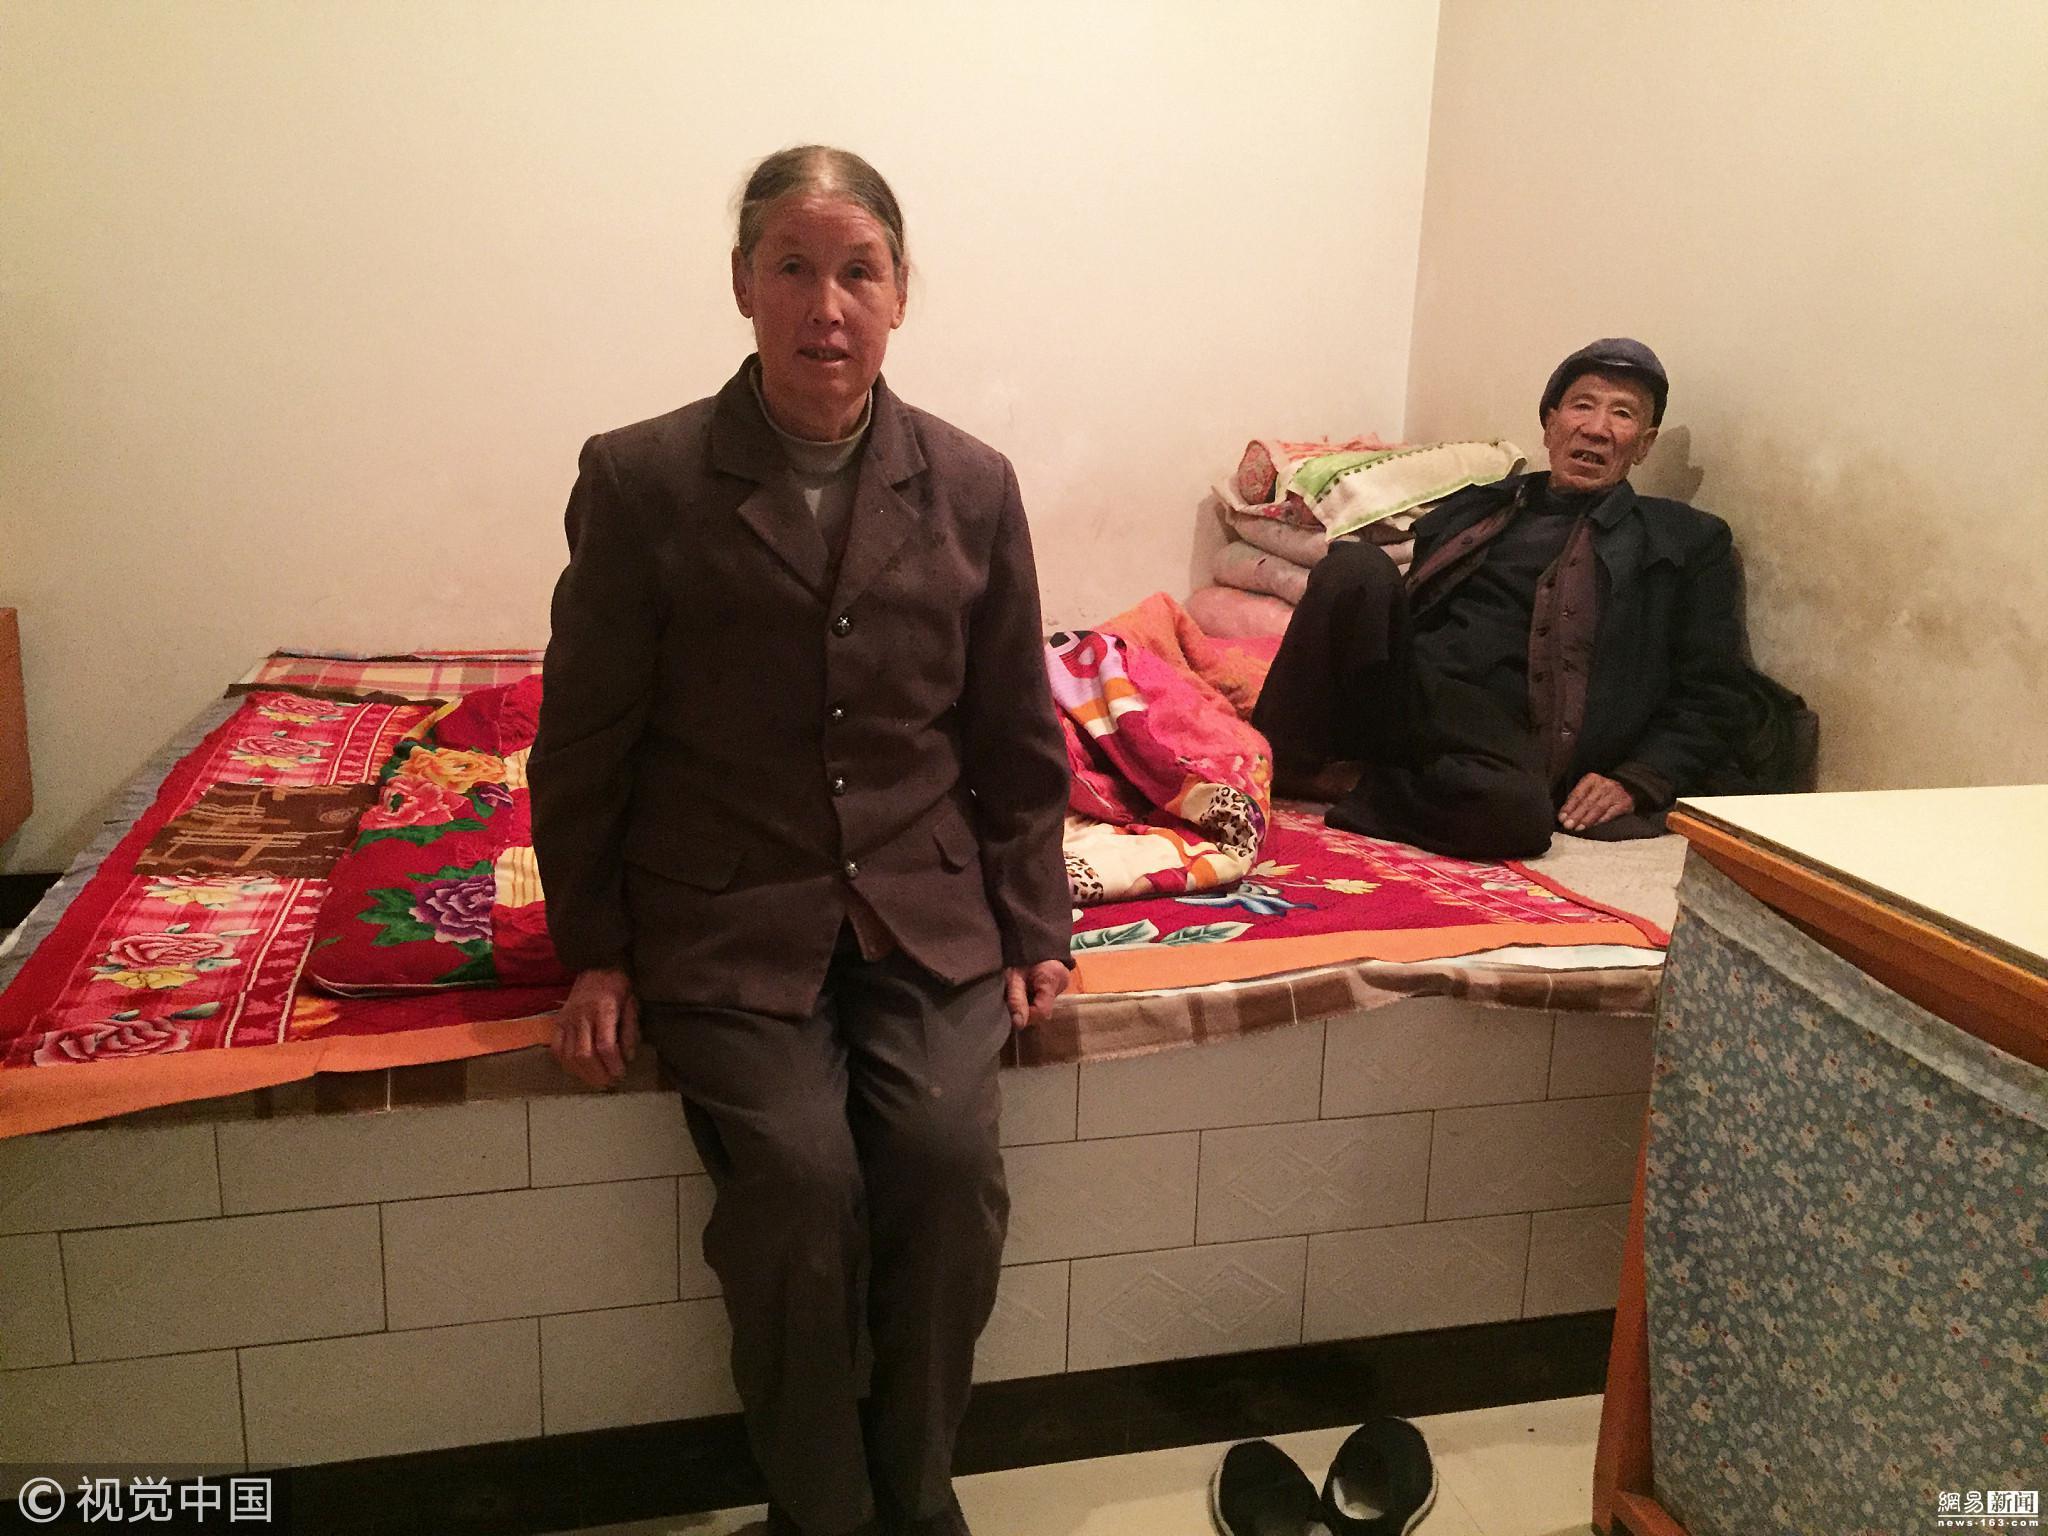 老人为给老伴看病 跪地日捡百合千斤 ! - 周公乐 - xinhua8848 的博客